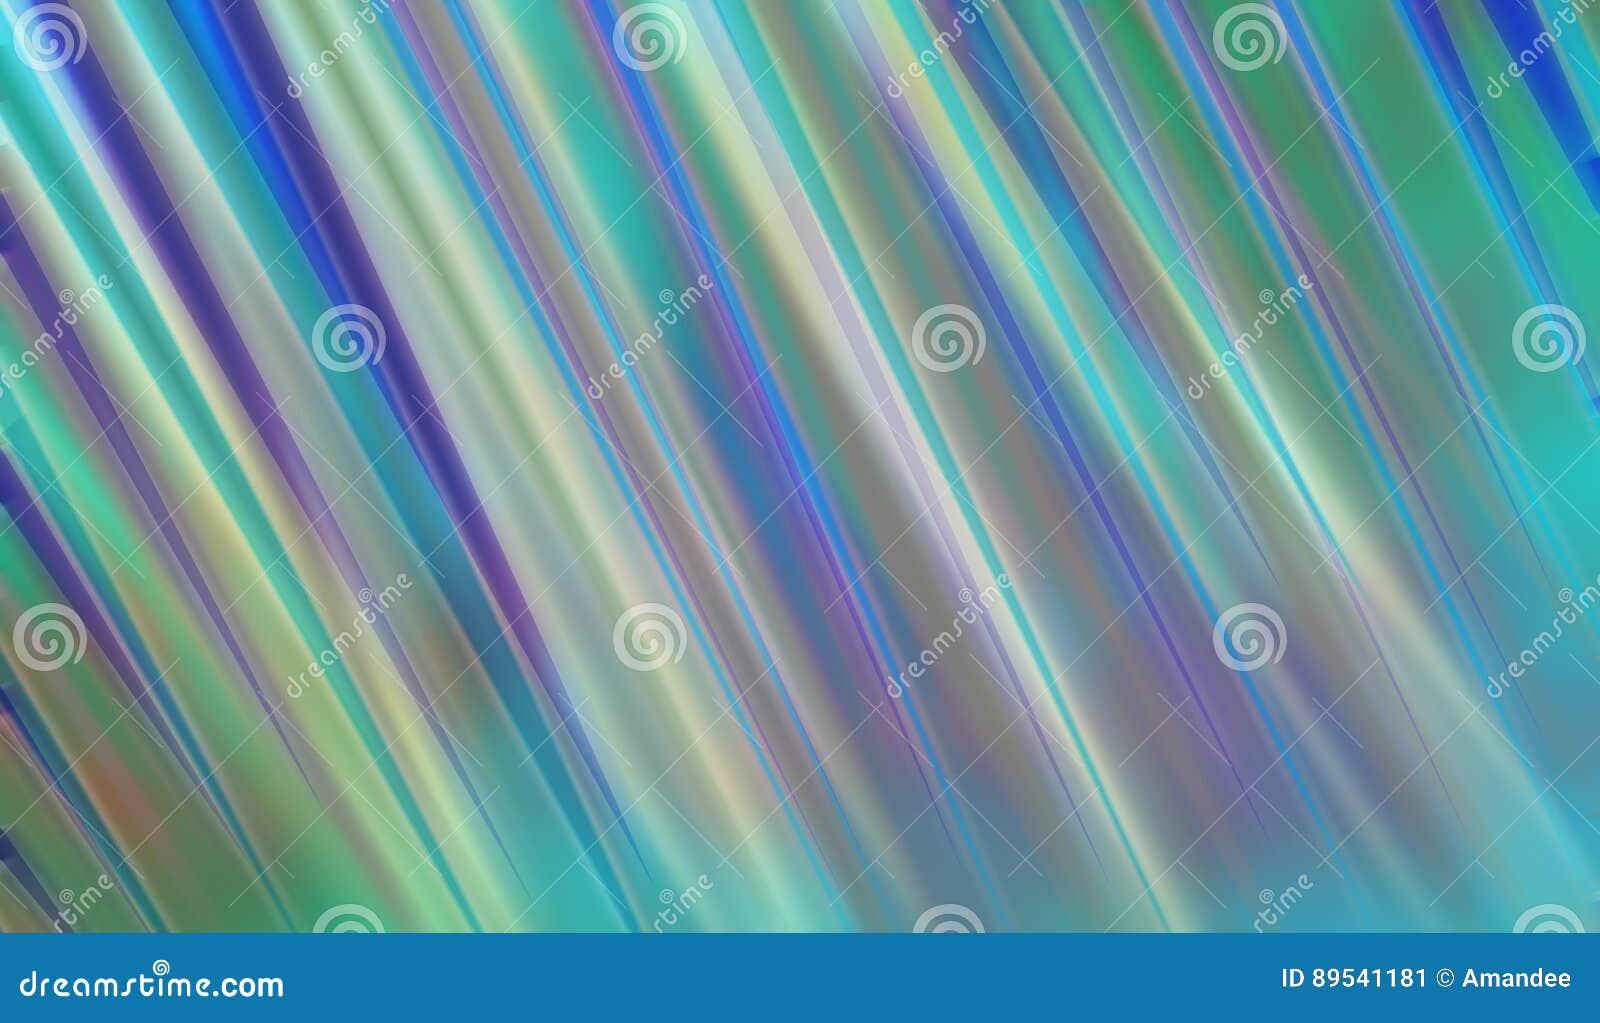 Progettazione astratta di stile del fondo di arte moderna con le bande vaghe di giallo e della porpora di verde blu